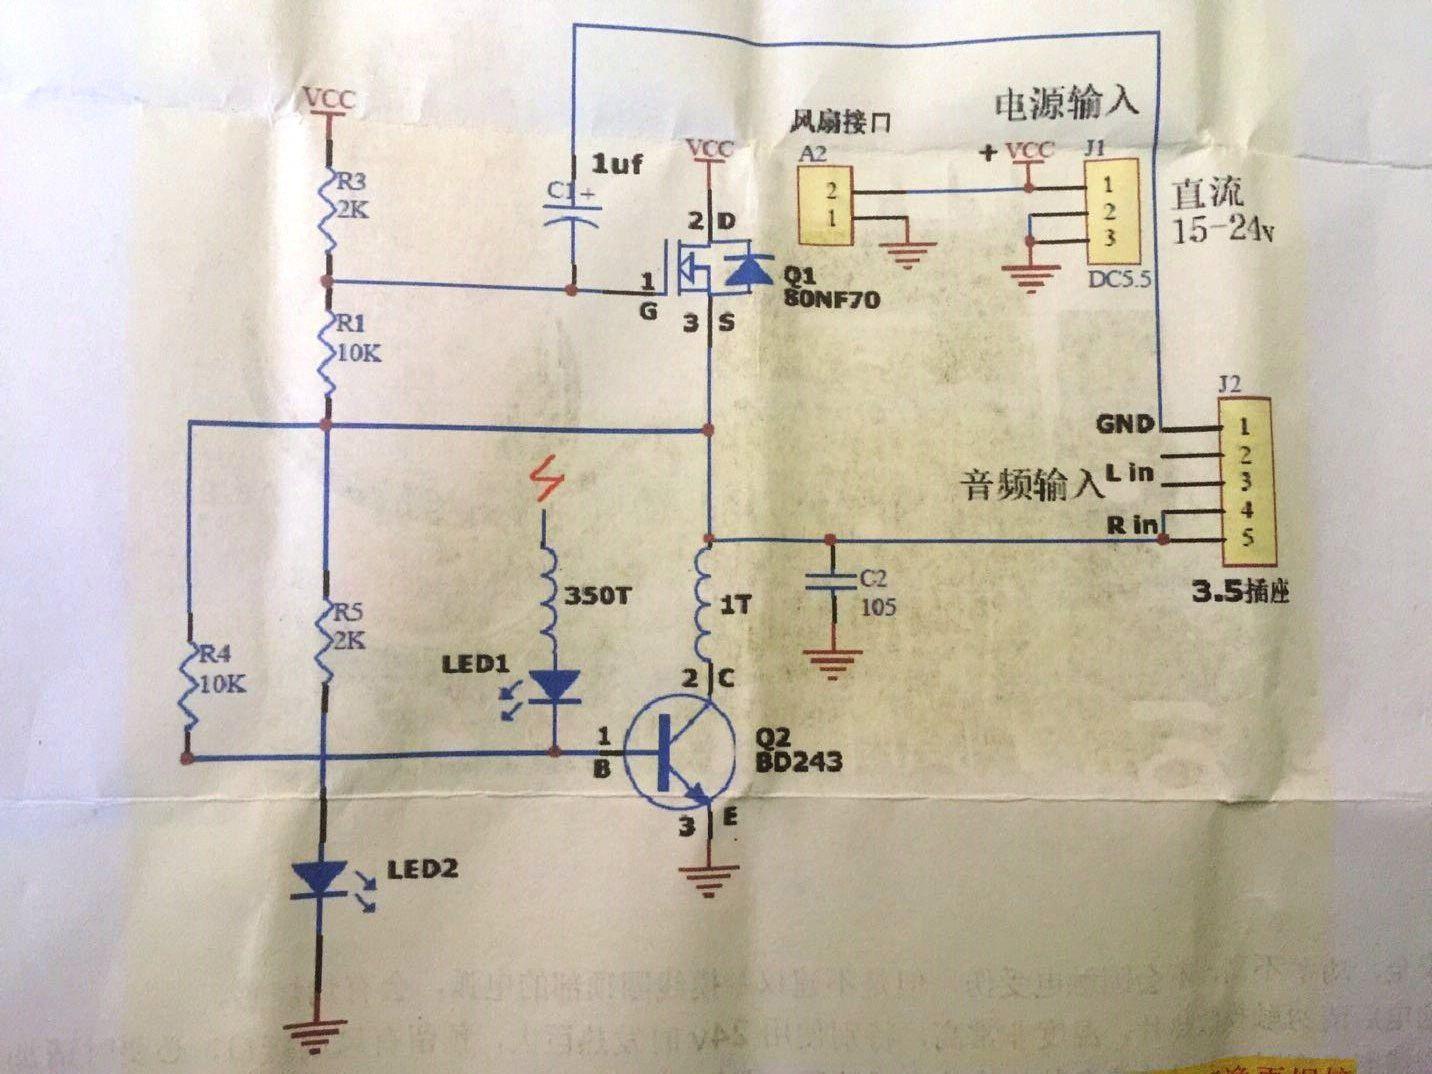 La notice est intégralement en chinois, heureusement, les photos et indications sont suffisant pour réaliser le montage